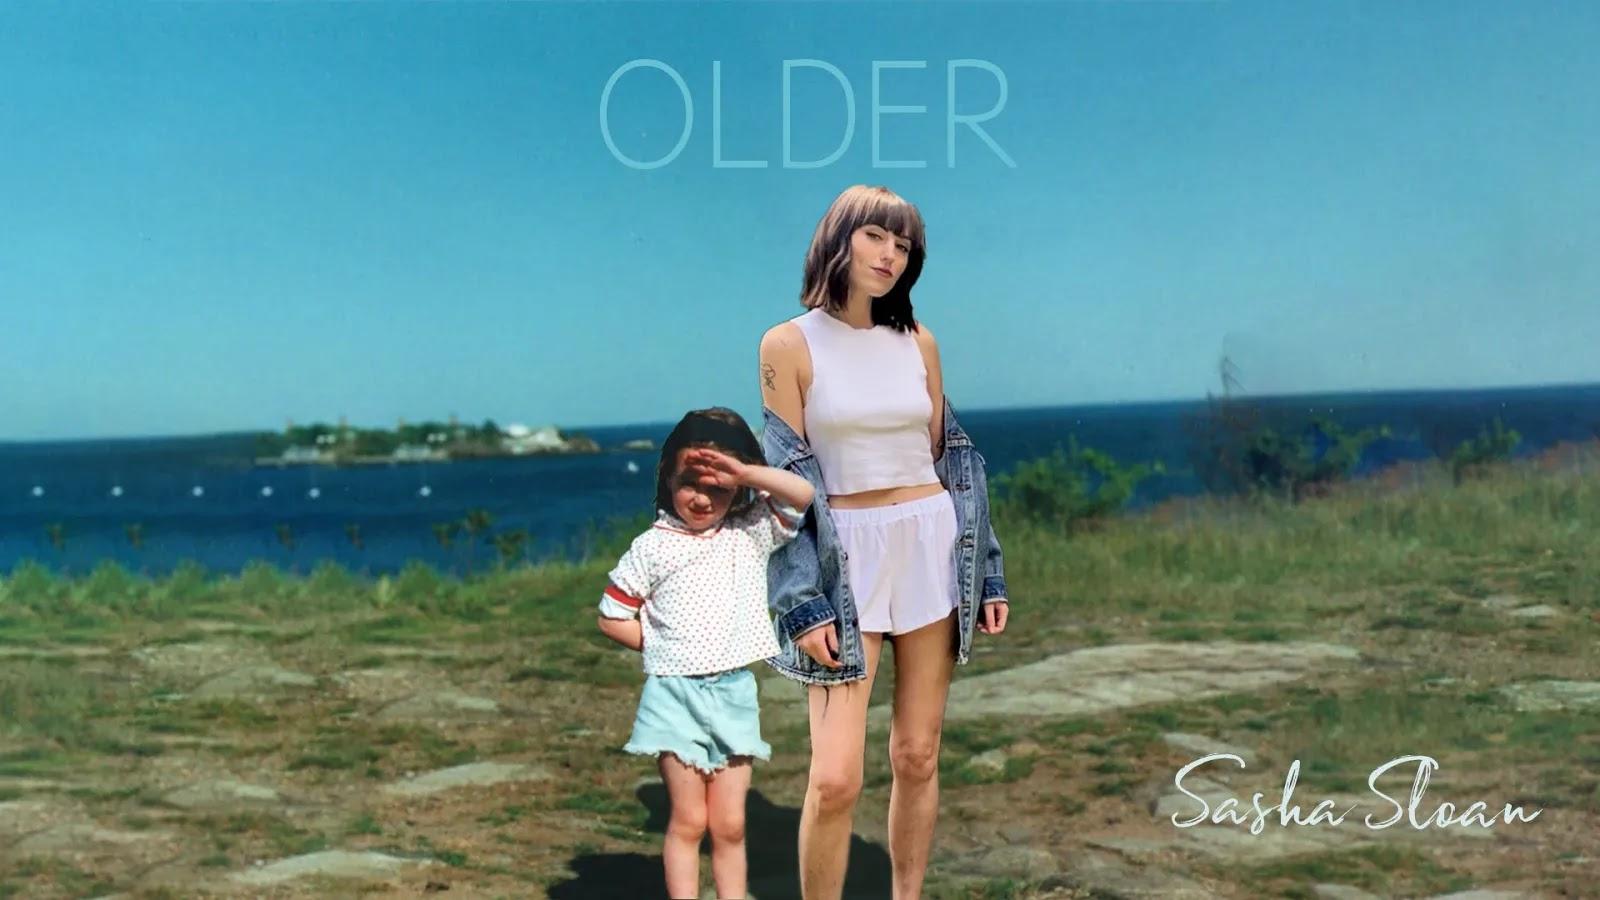 Sasha Sloan – Older